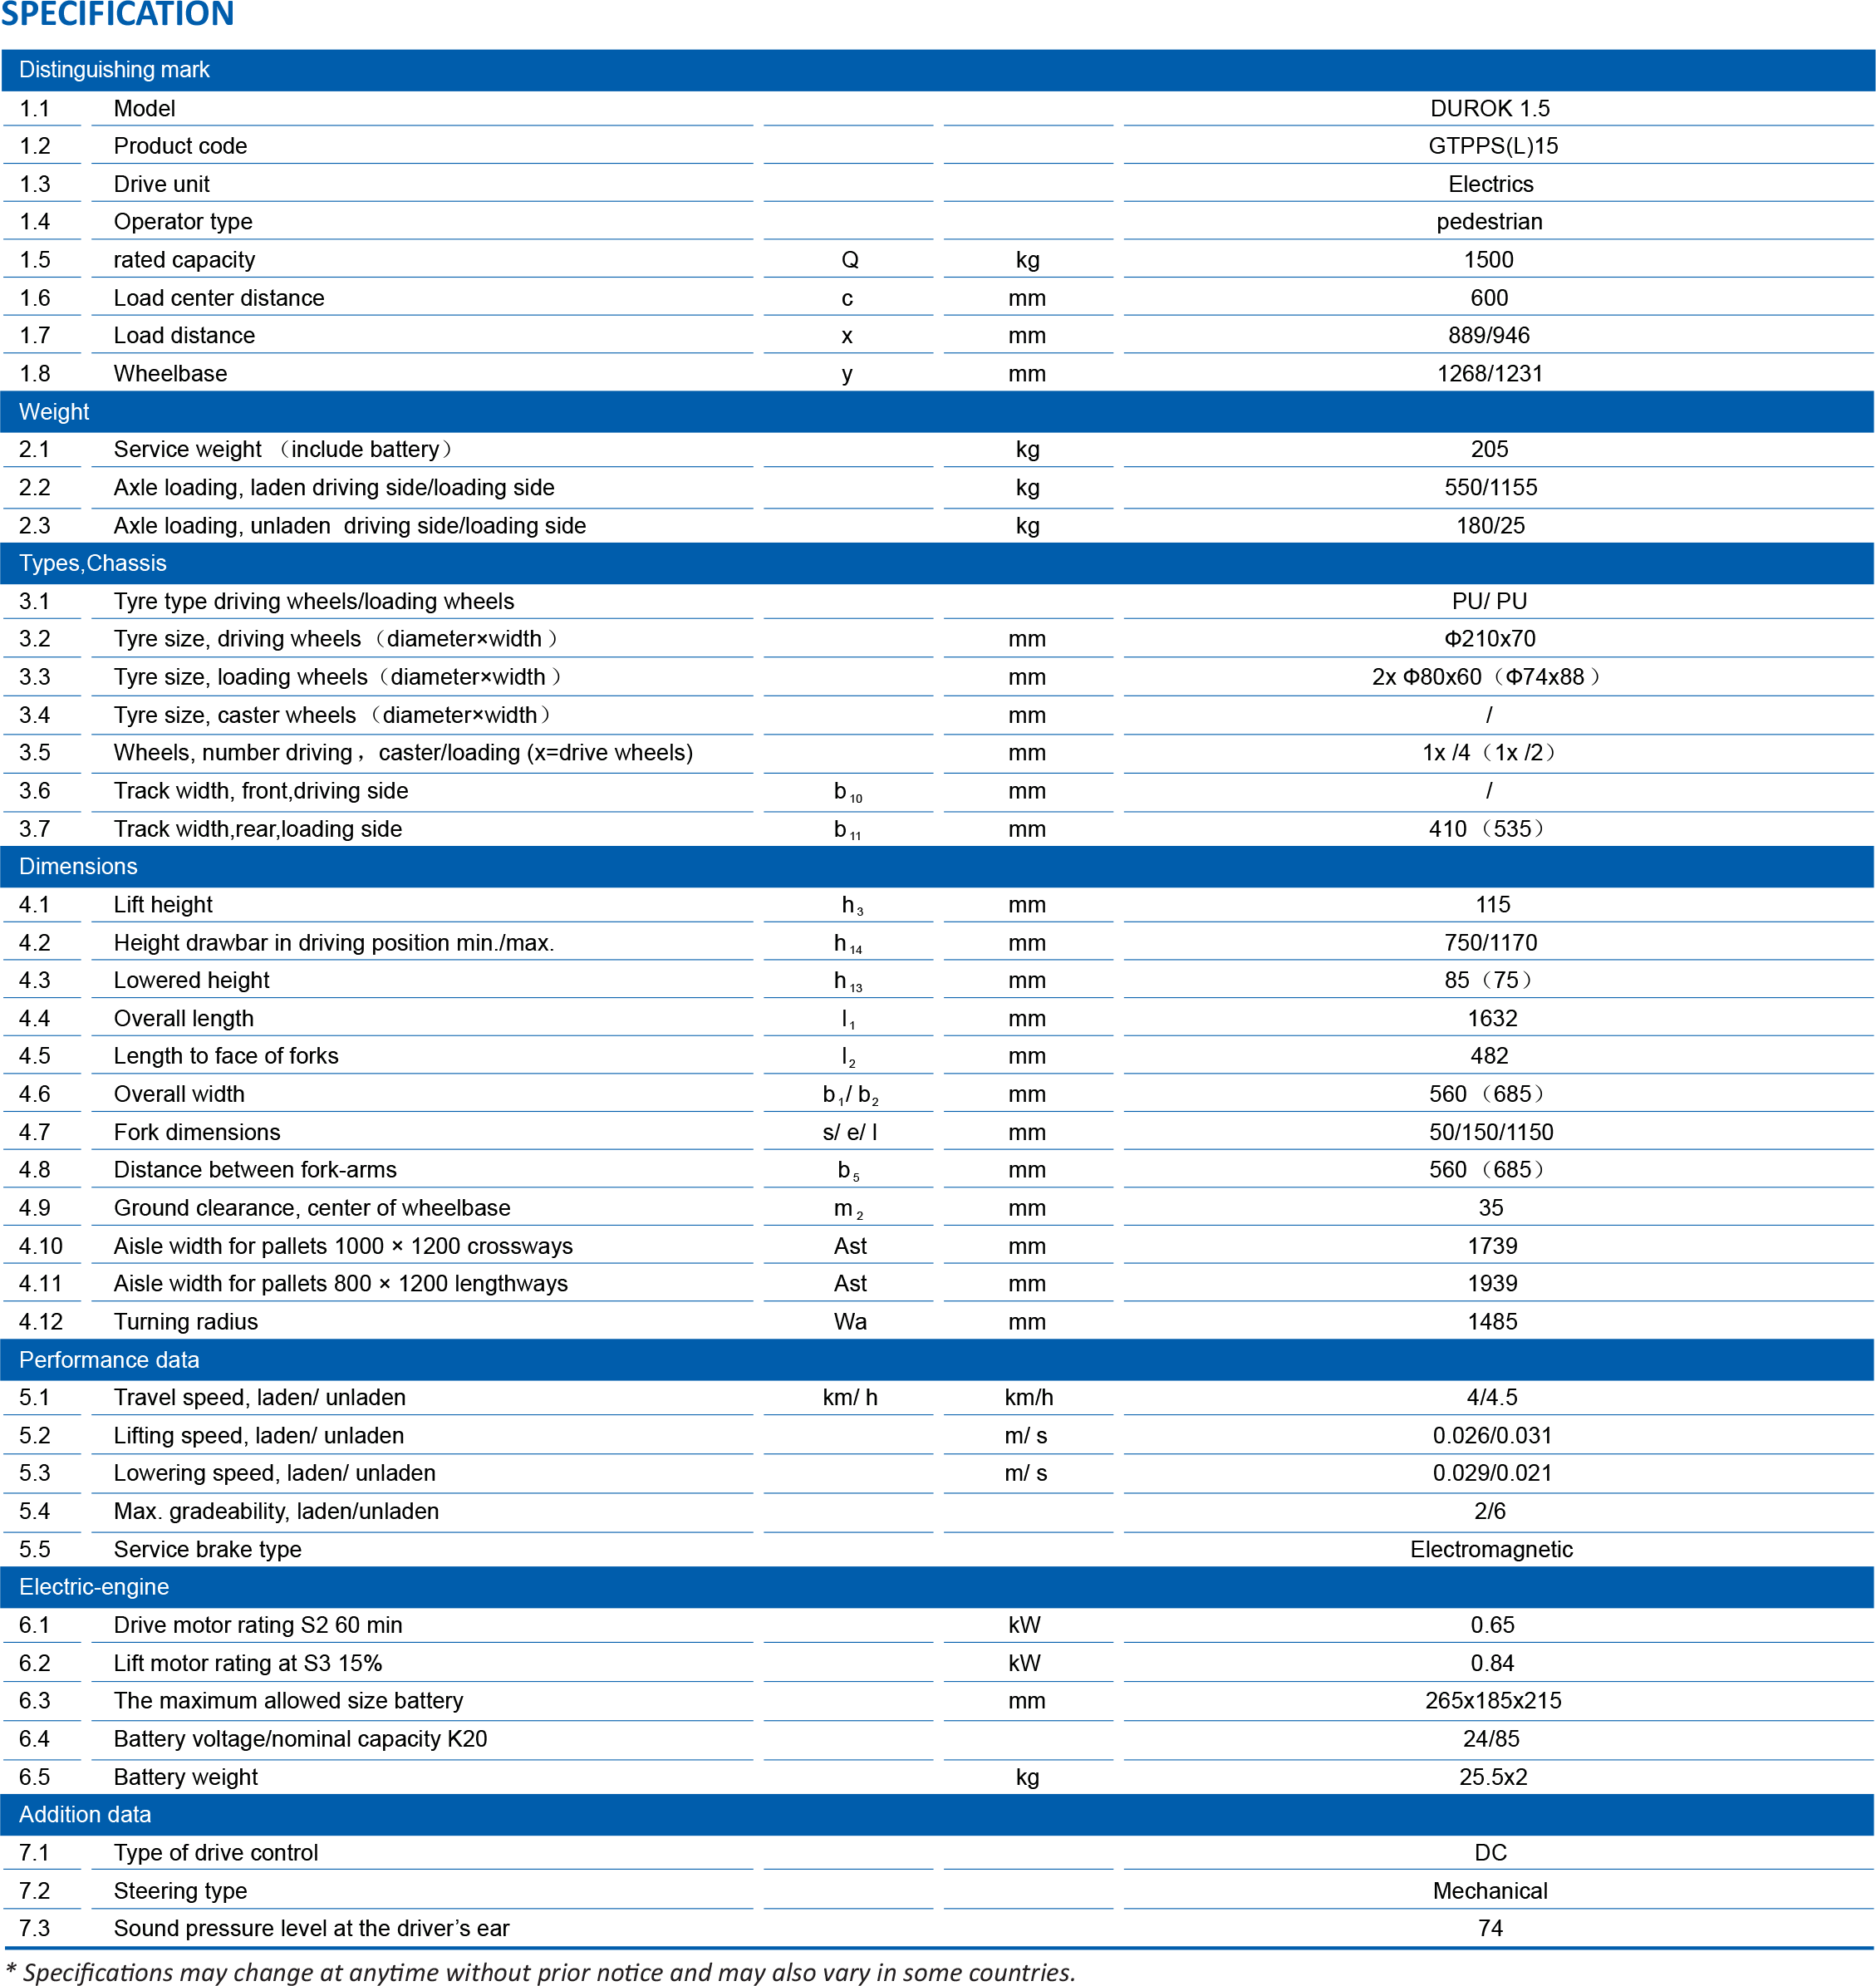 DUROK 15_spec.png (201 KB)